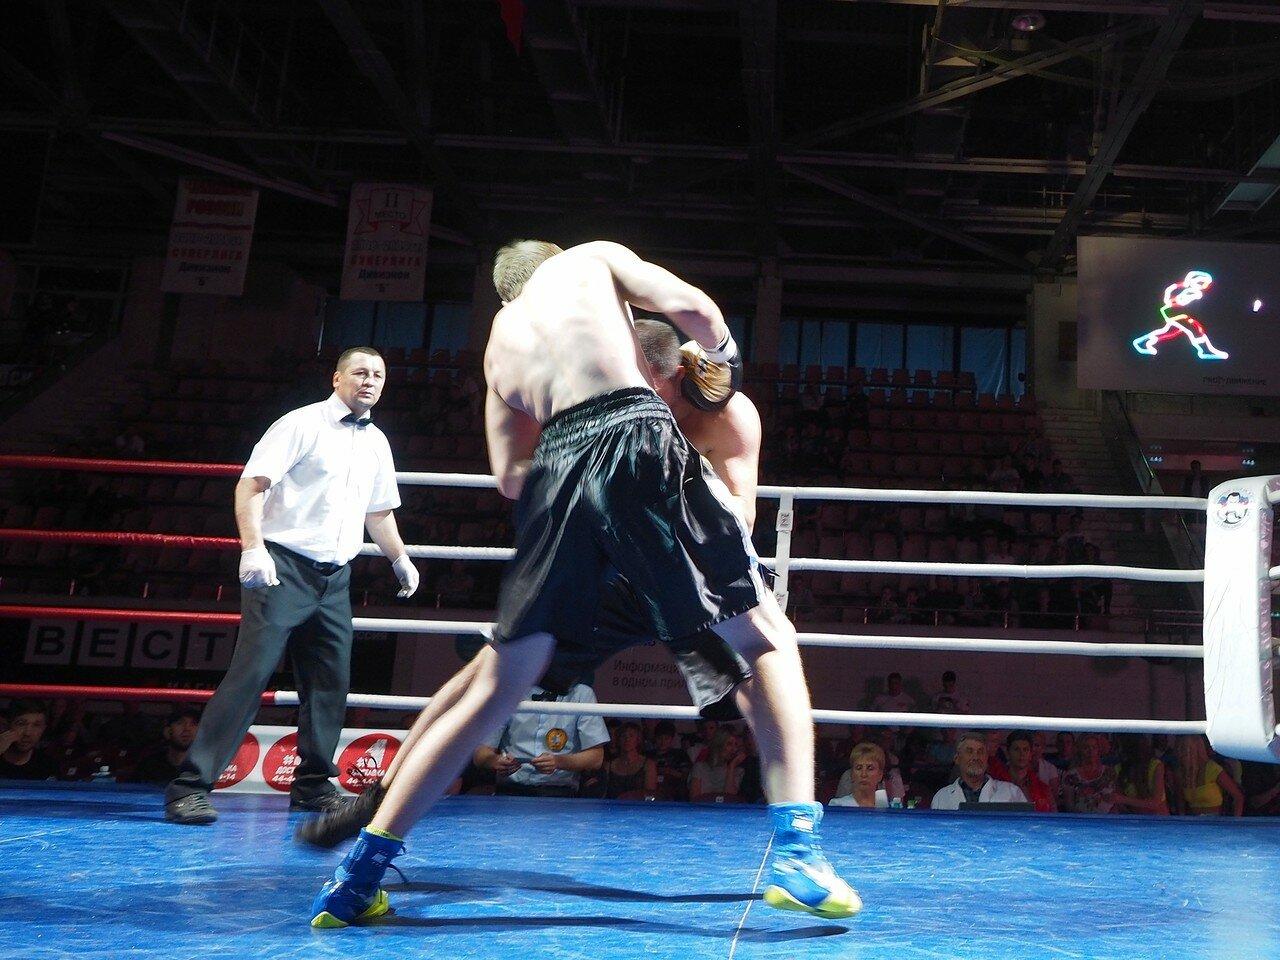 67 Вечер профессионального бокса в Магнитогорске 06.07.2017